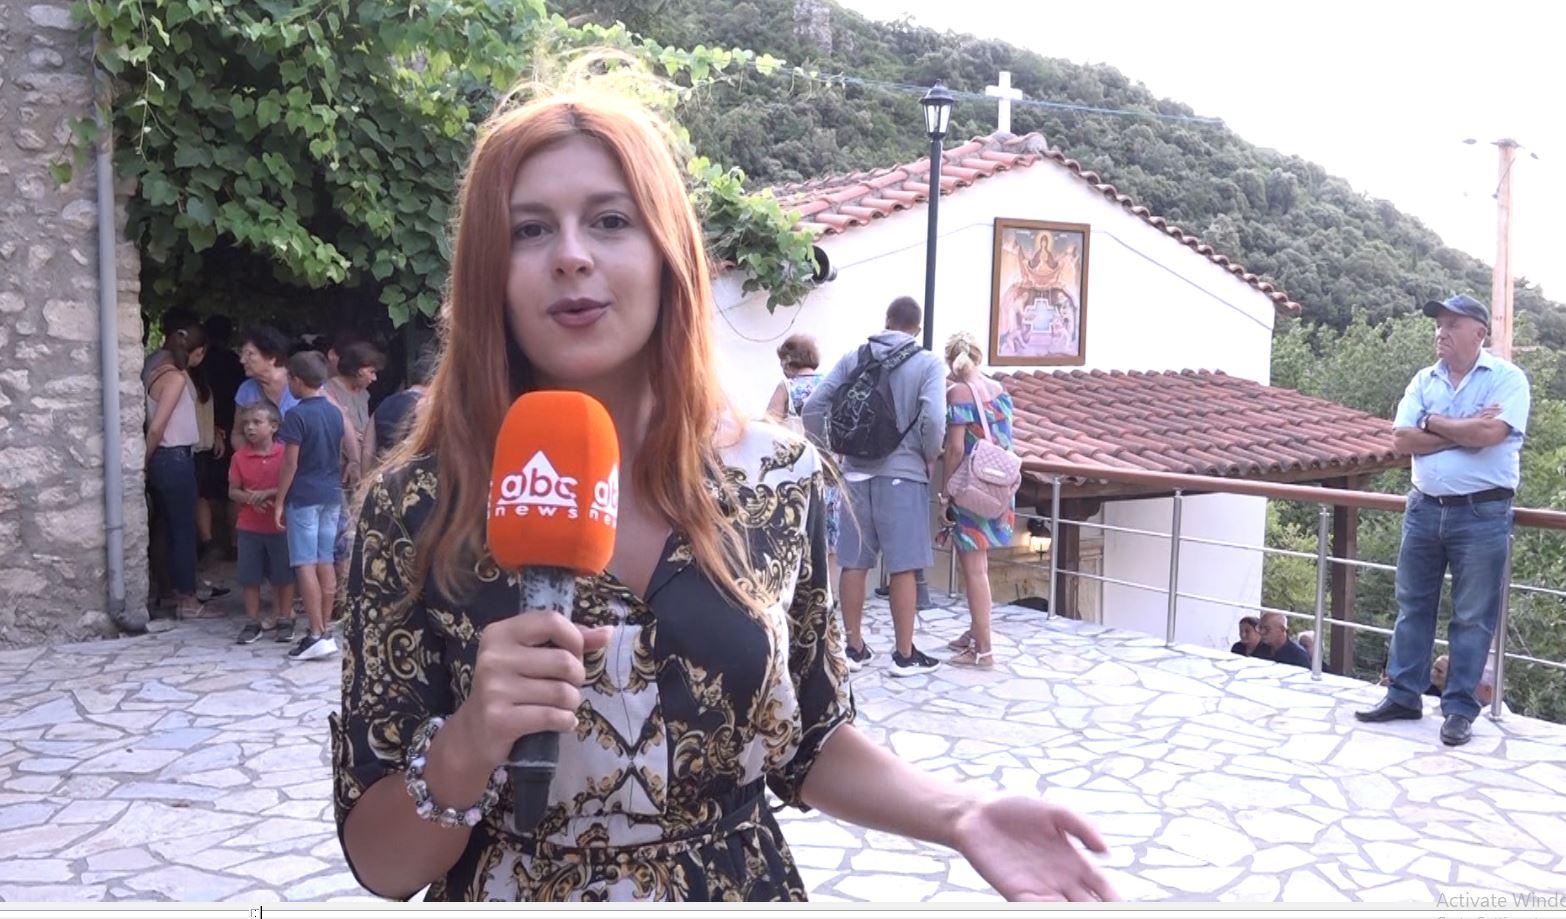 Festa e Shën Mërisë bashkon shqiptarët nga e gjithë bota në manastirin e Dhërmiut